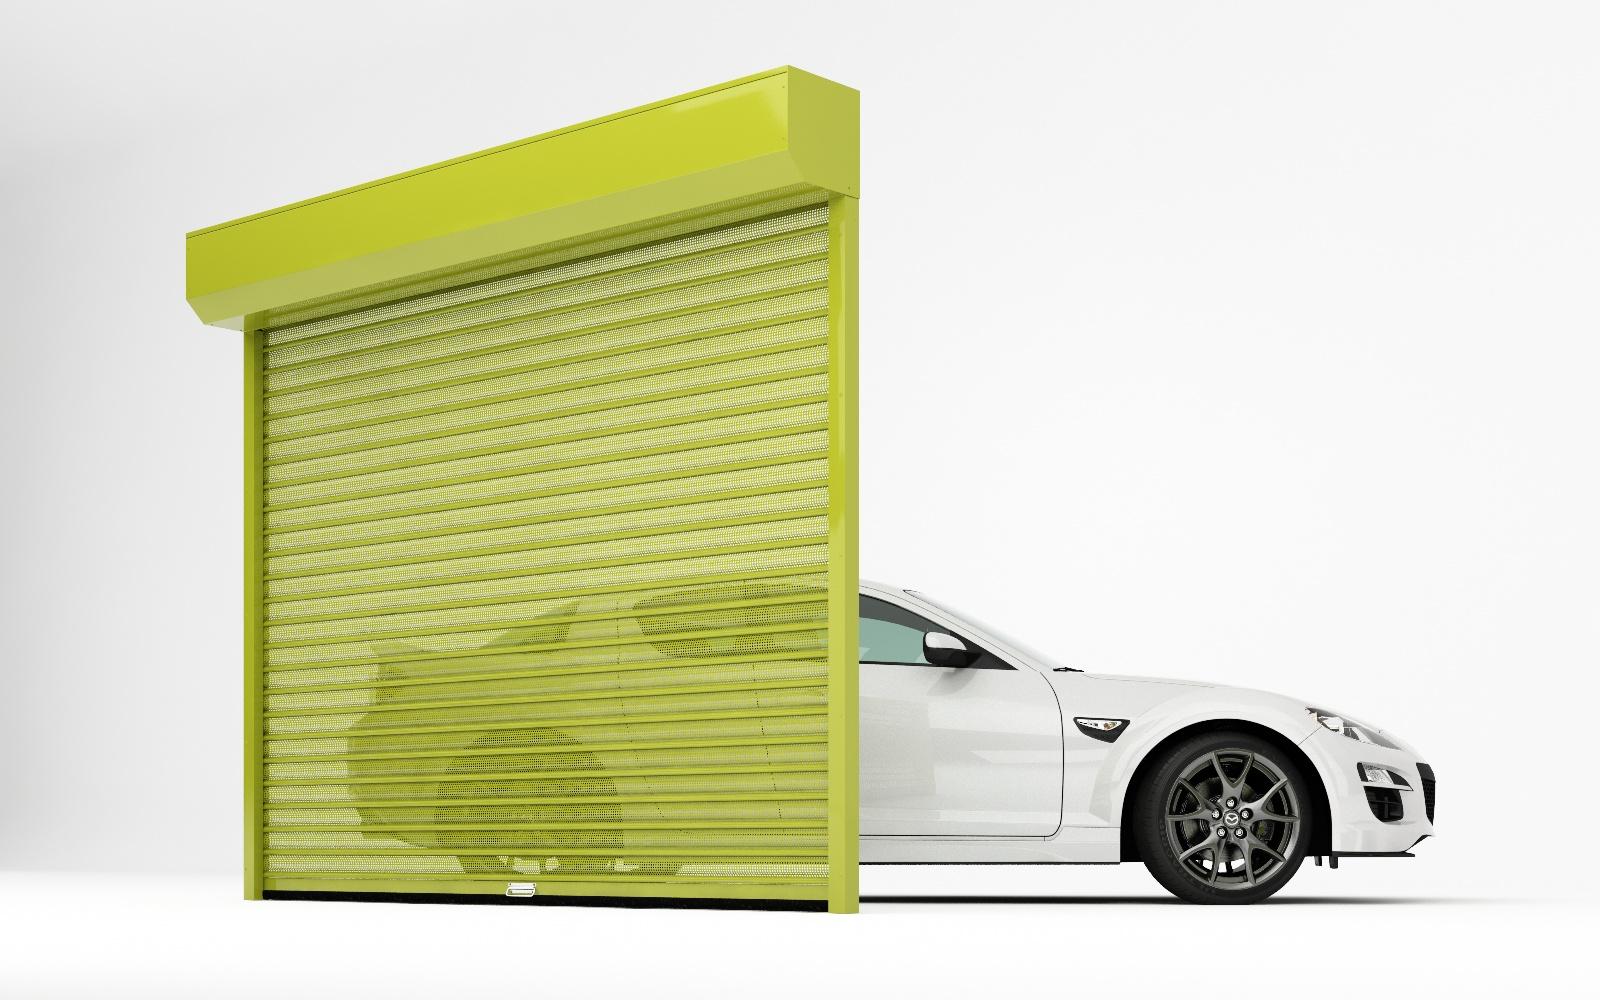 דלתות גלילה לחניה בזול